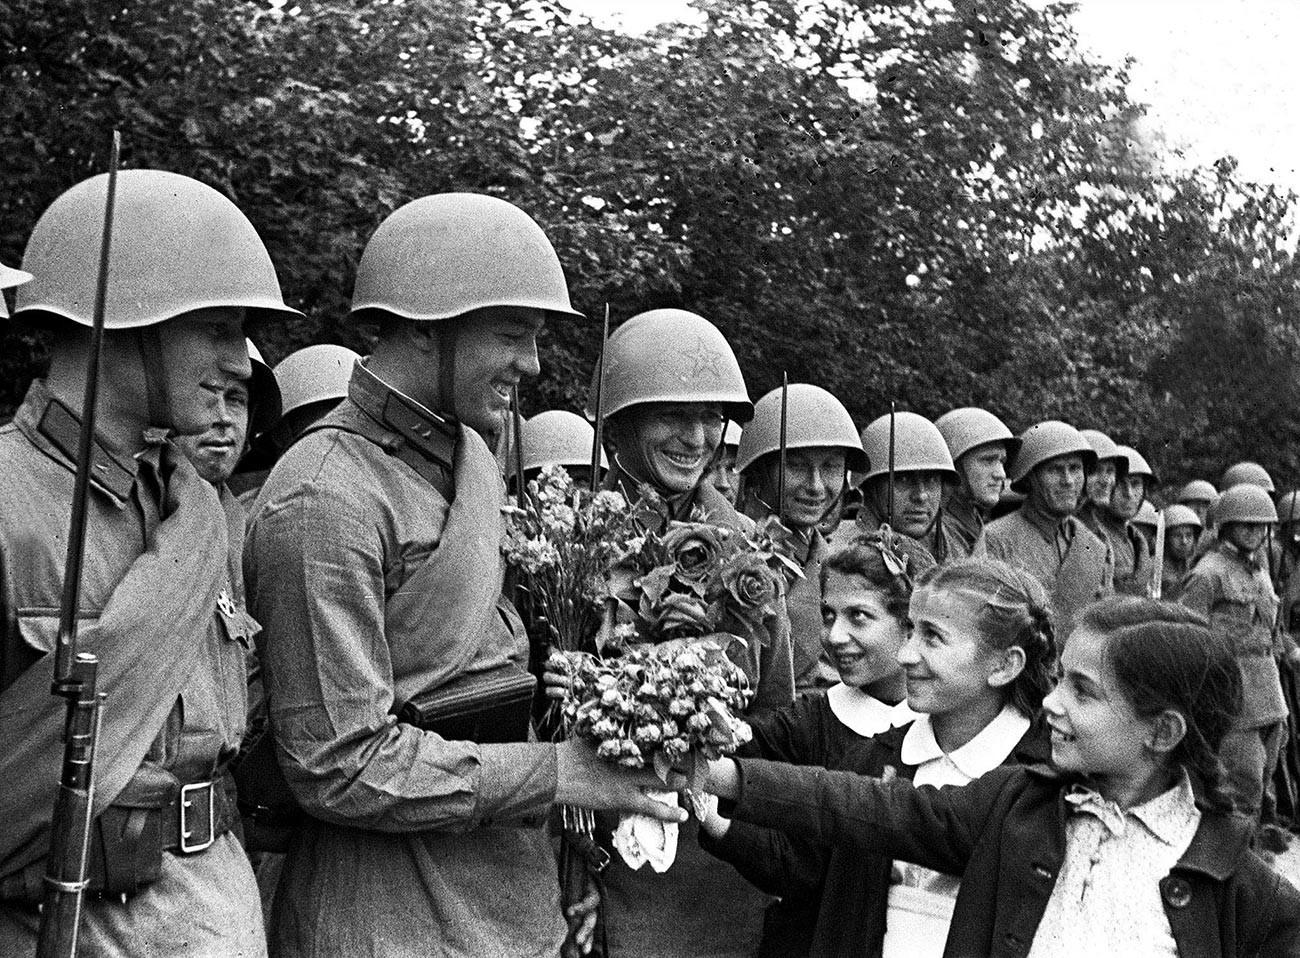 Soldados del Ejército Rojo son recibidos por niños durante un desfile militar celebrando la incorporación de Besarabia y Bucovina del Norte a la URSS, Chisinau, 4 de julio de 1940.